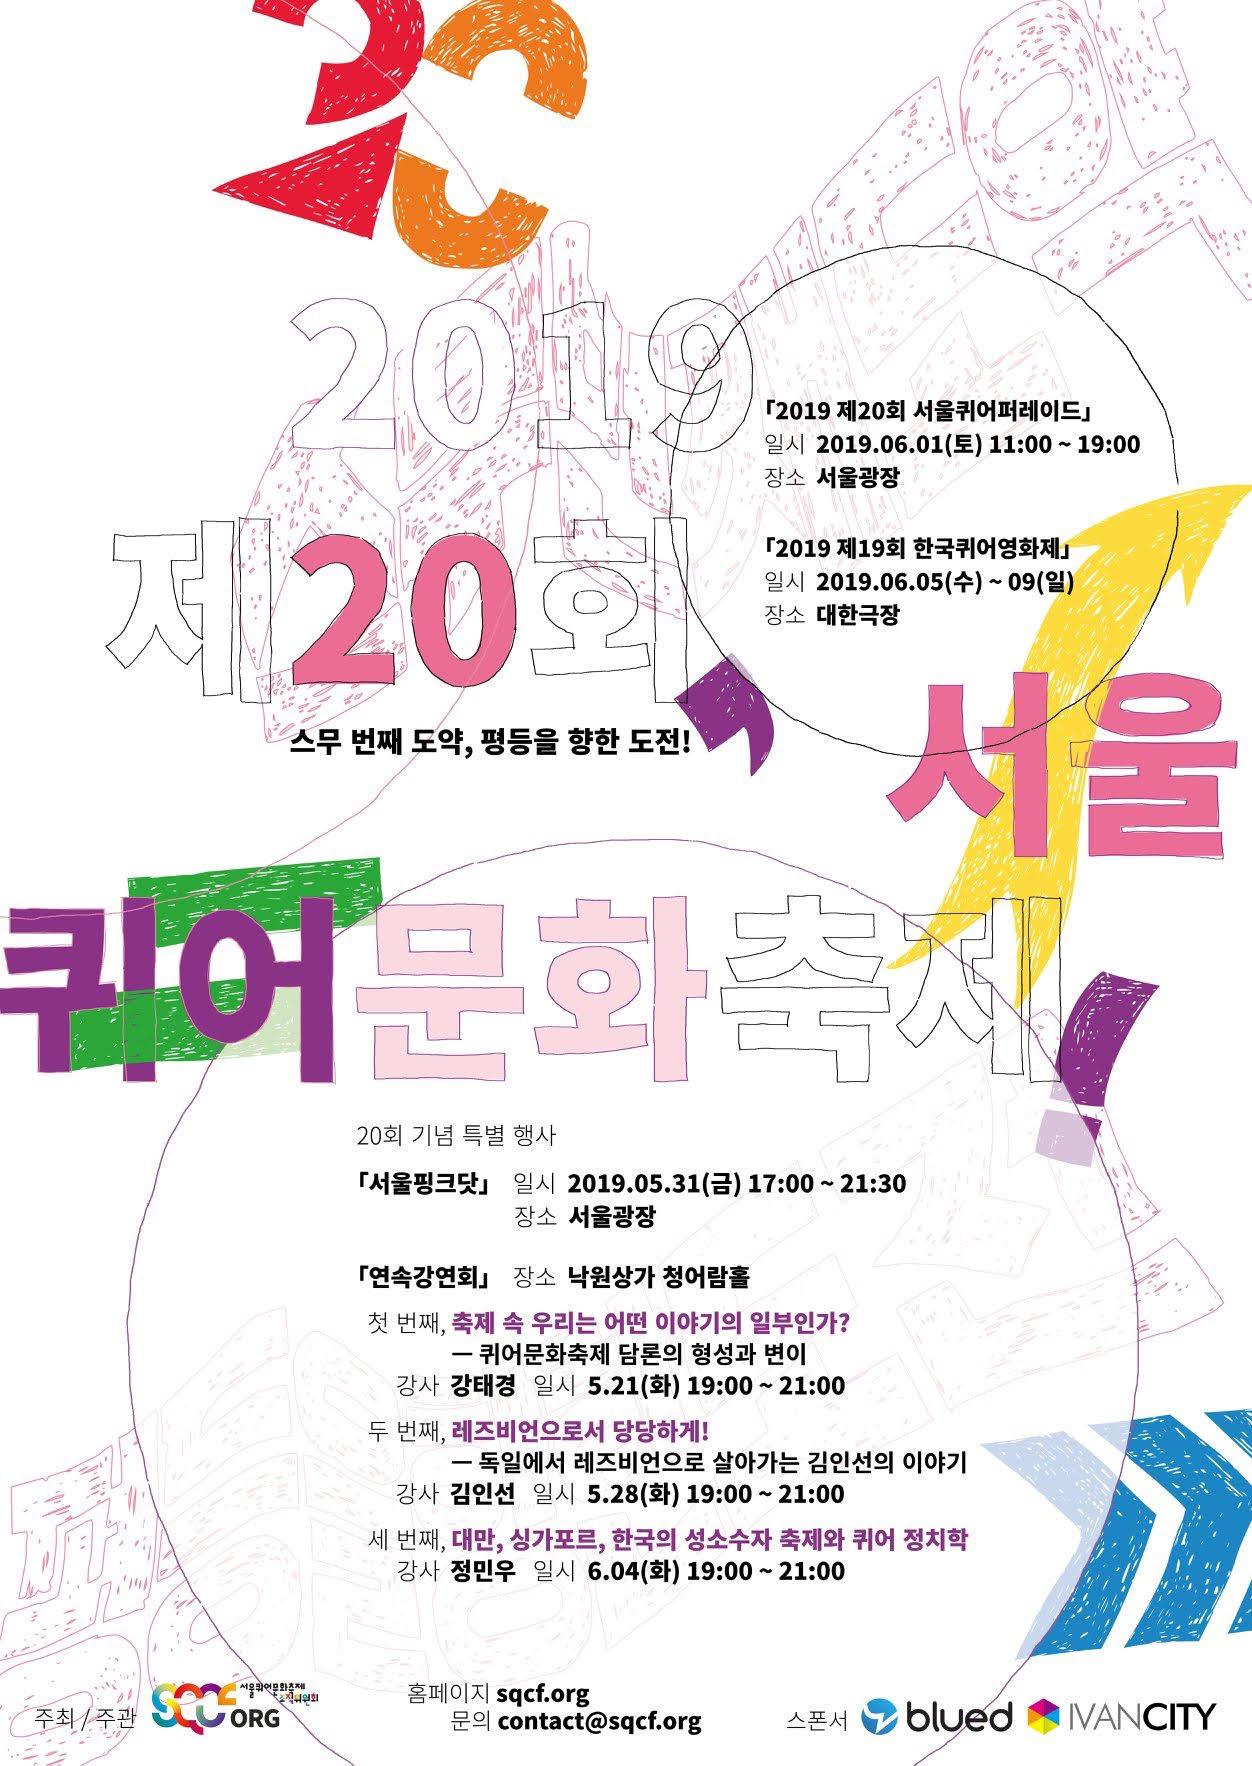 Seoul Queer Culture Festival - 2019